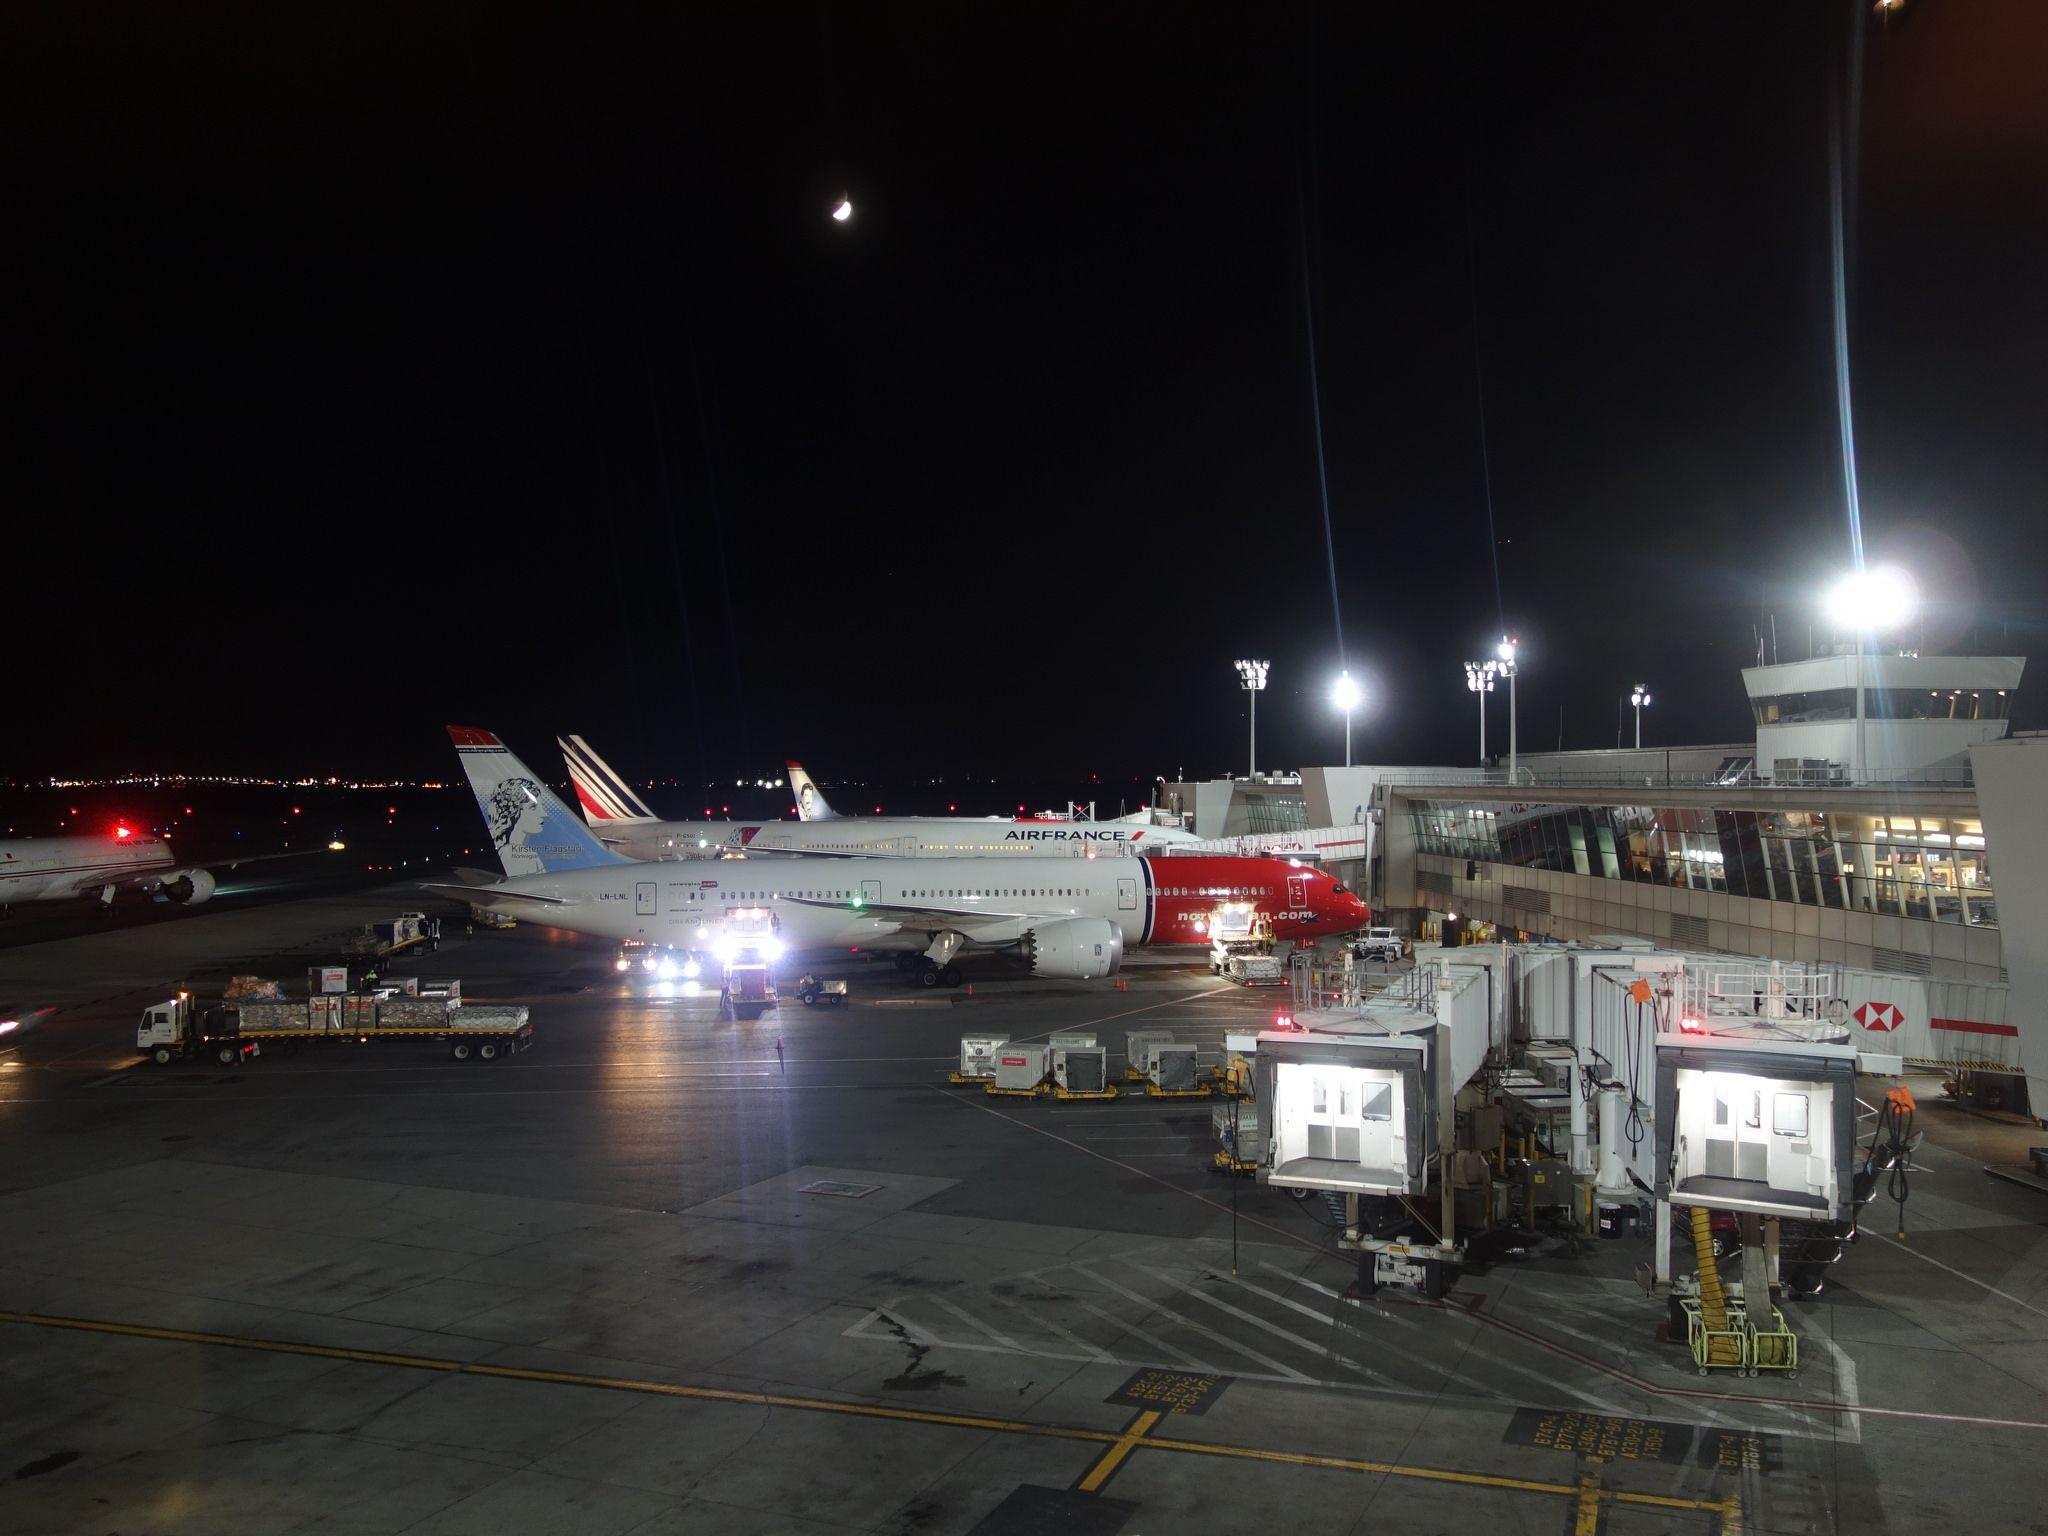 201710002 New York City Queens JFK airport with Norwegian